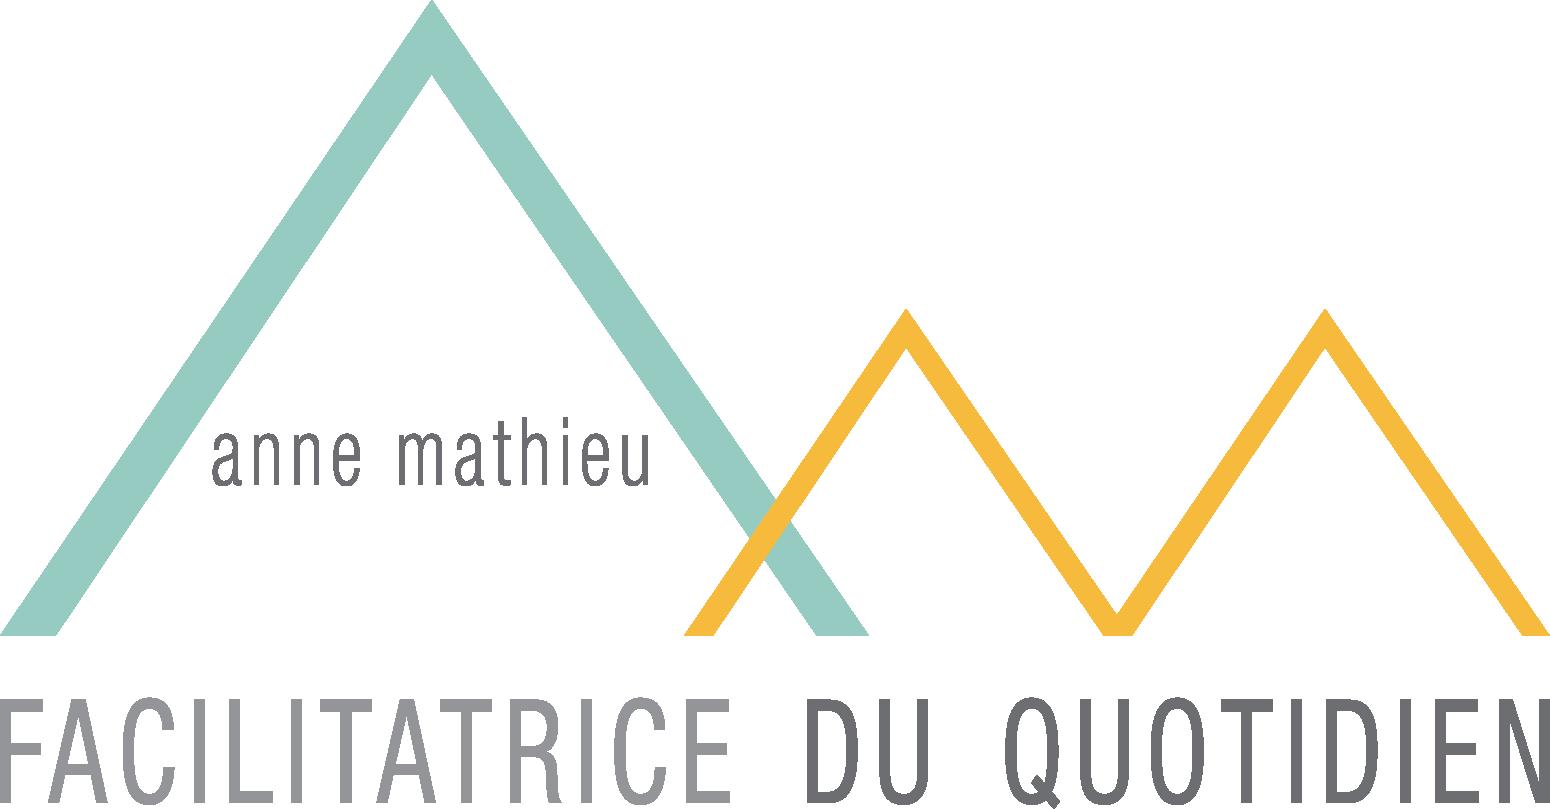 Anne Mathieu Facilitatrice du quotidien